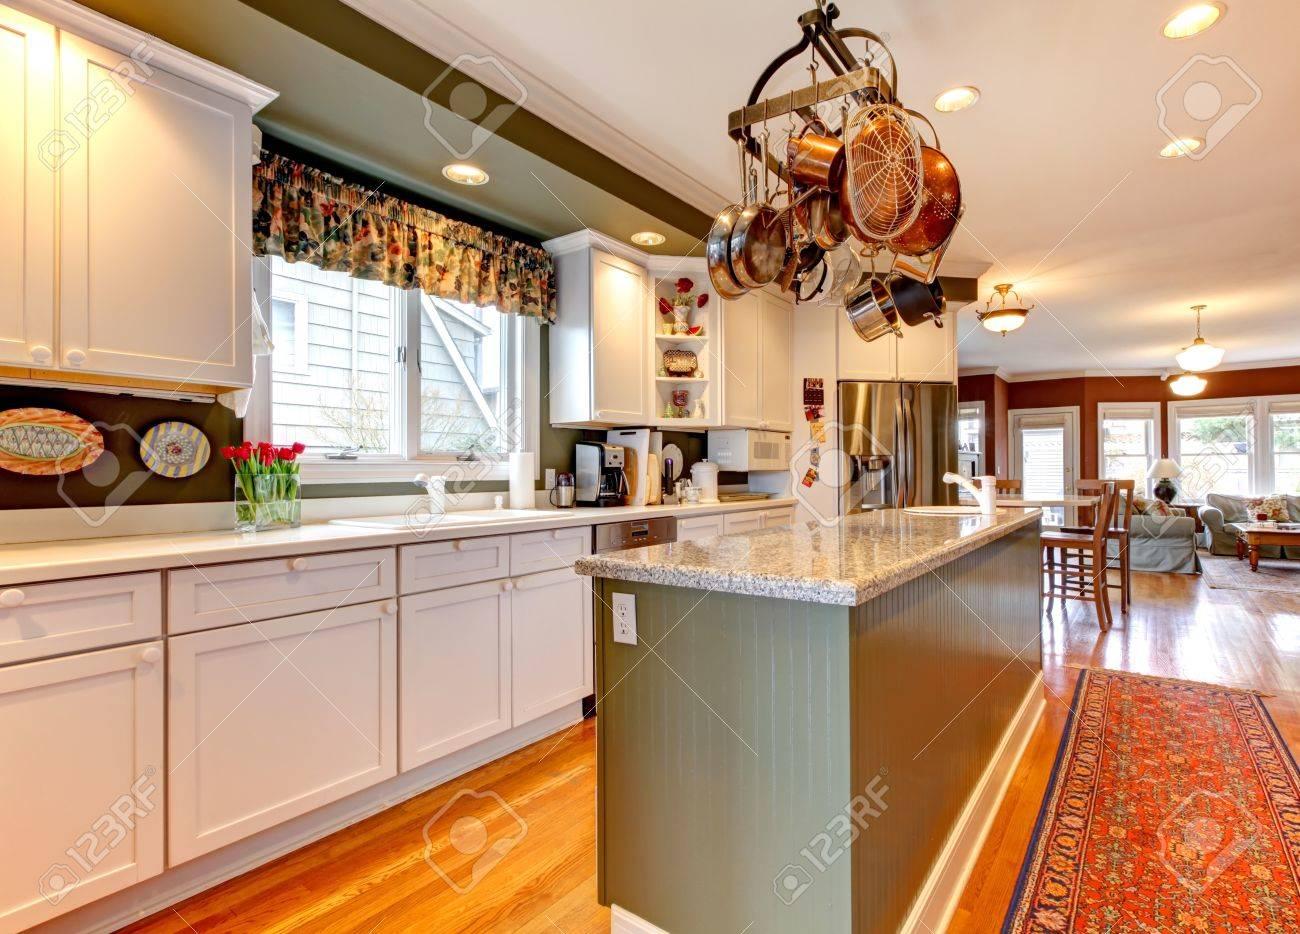 Große Weiße Und Grüne Küche Mit Parkett Lizenzfreie Fotos, Bilder ...